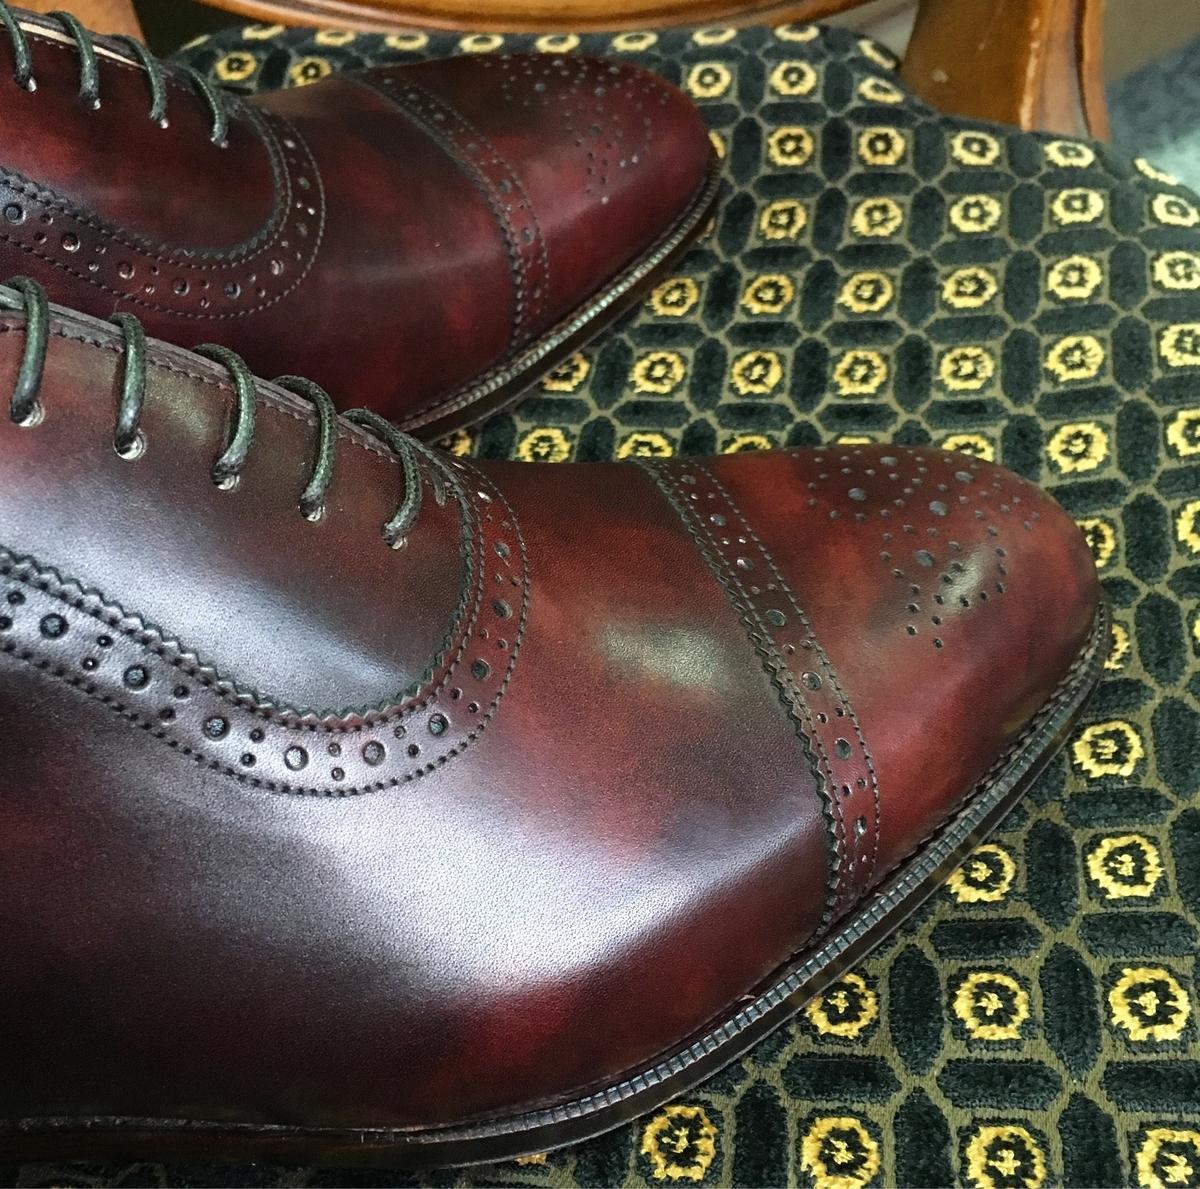 f:id:raymar-shoes:20190316224357j:plain